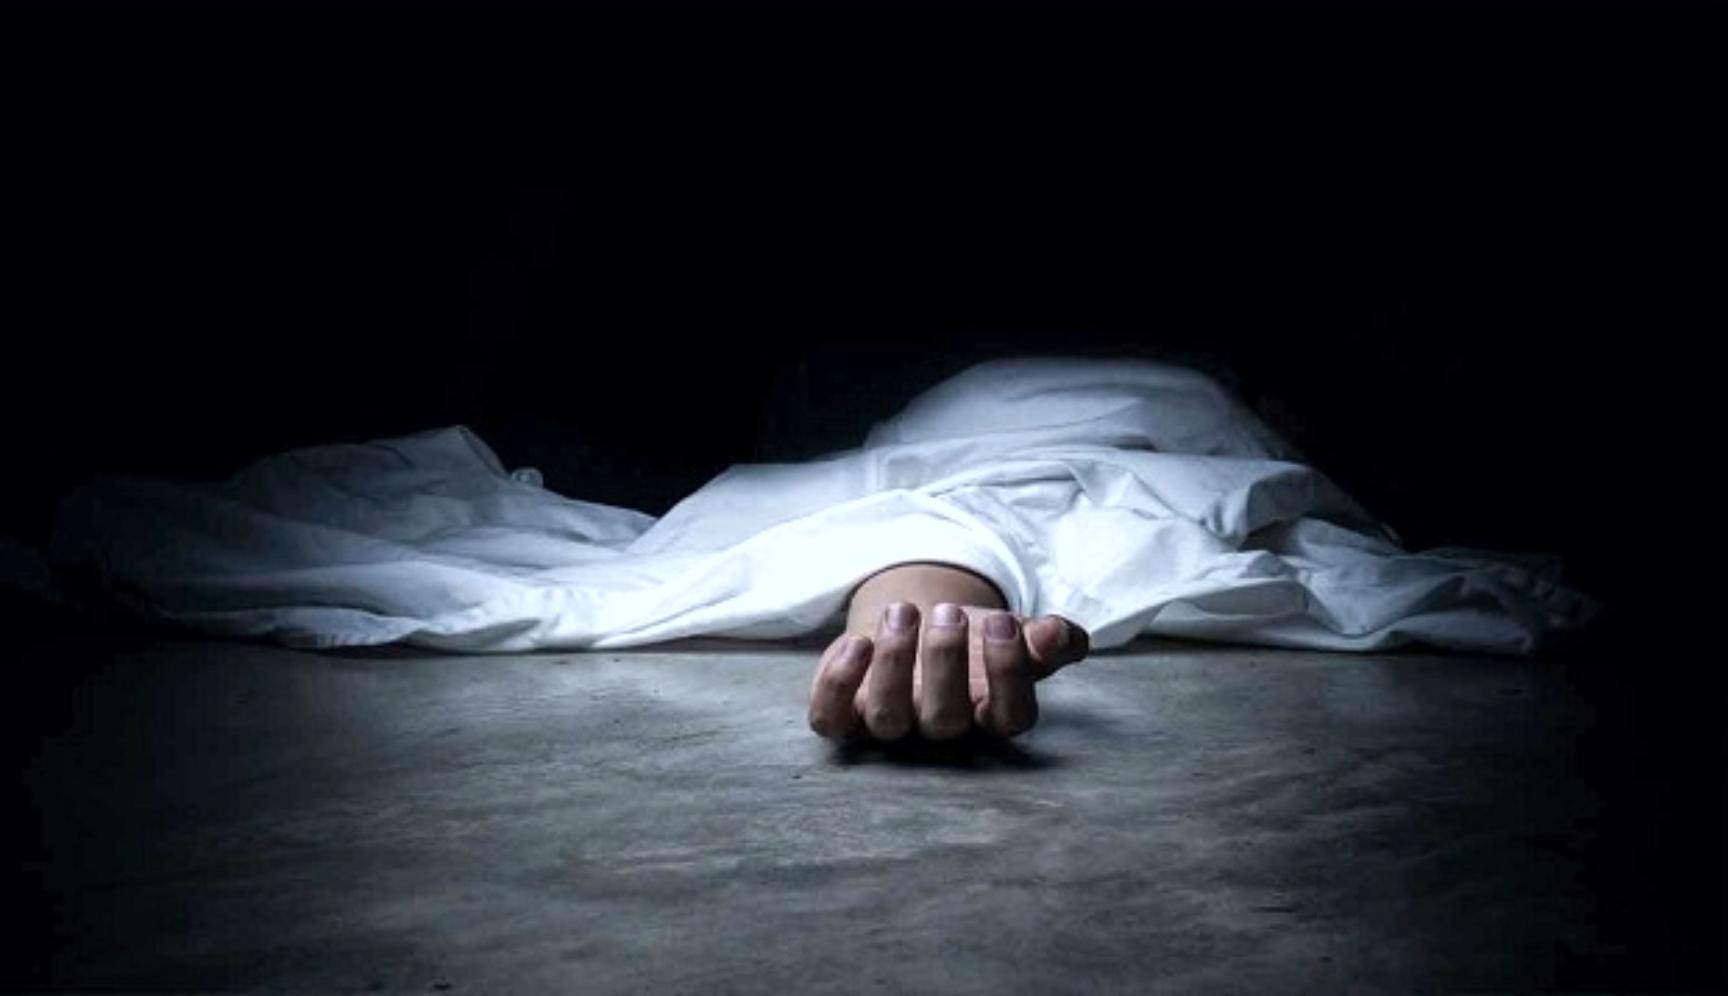 मेचीनगरमा एक व्यक्ति मृत फेला